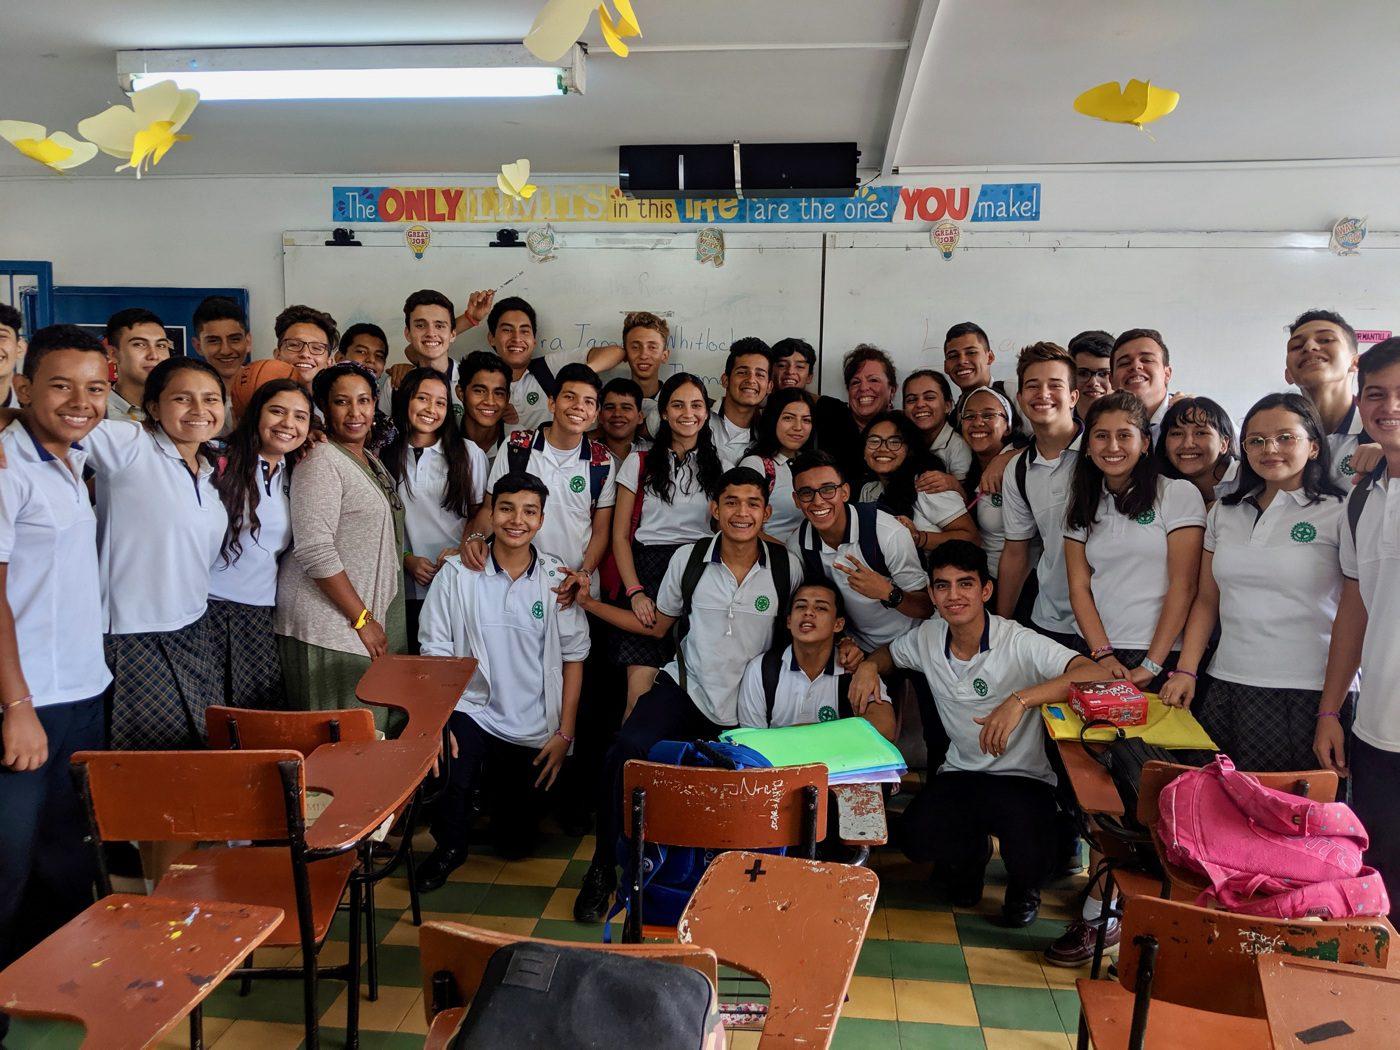 Host school in Colombia